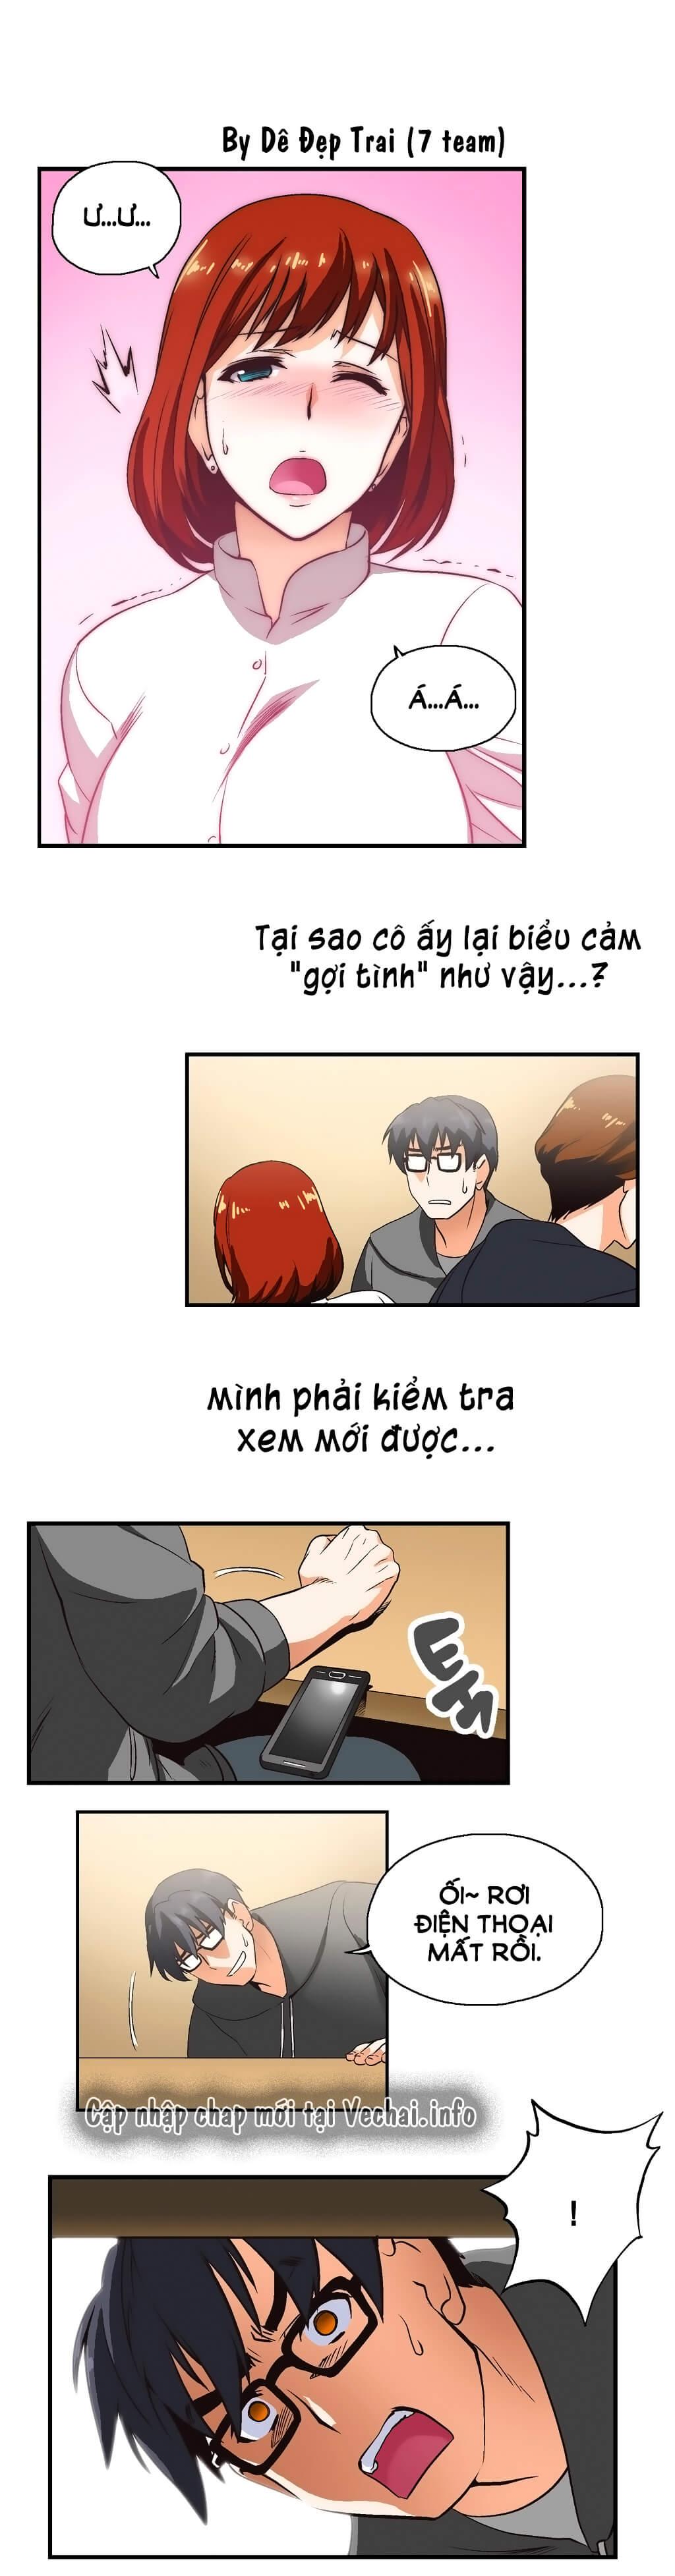 Hình ảnh HINH_00023 in Dàn Harem Của Thằng main Bựa